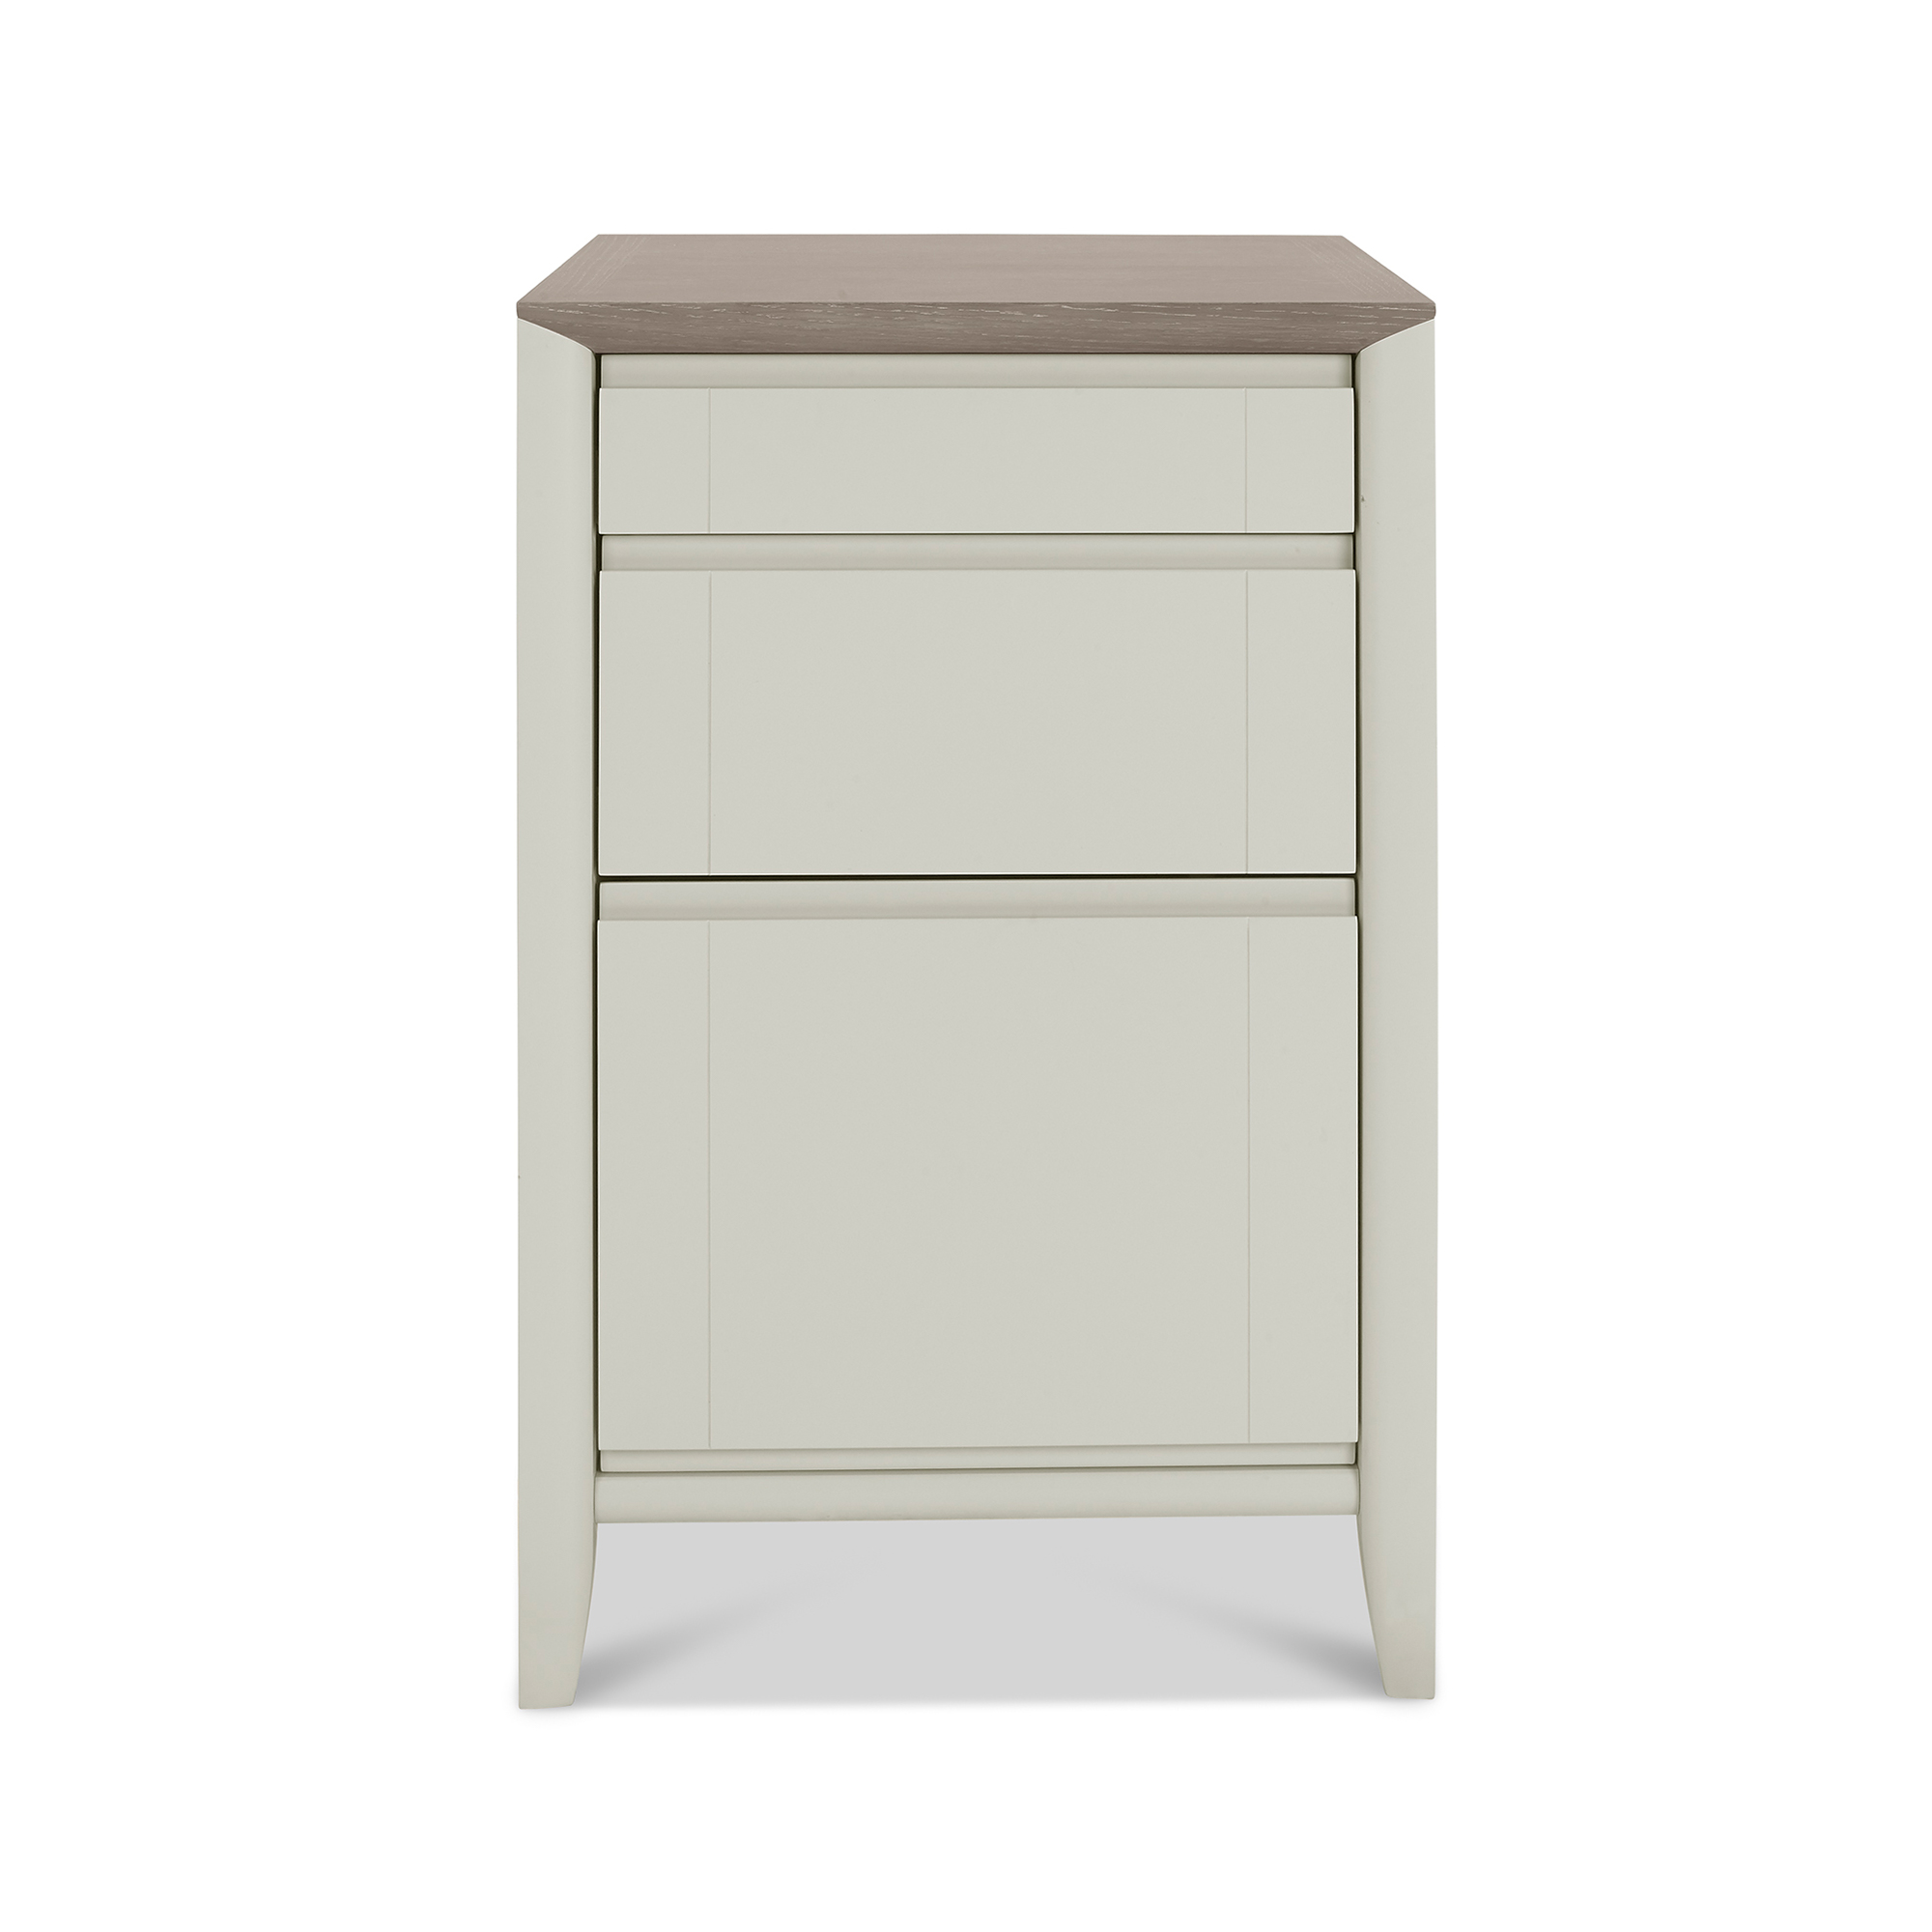 Calcot Grey - Filing Cabinet